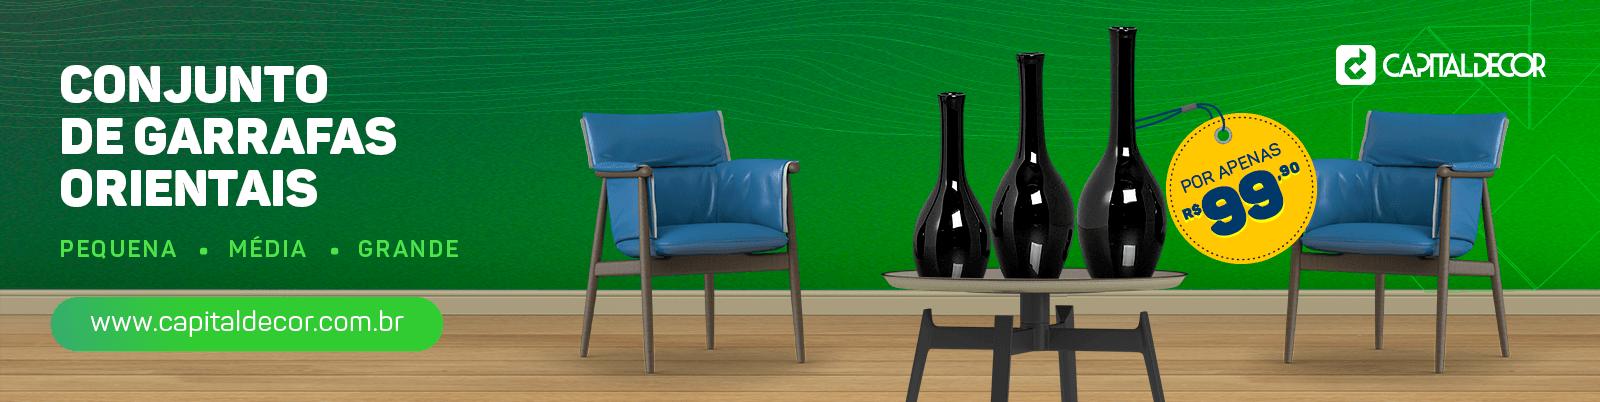 Trio de garrafas orientais